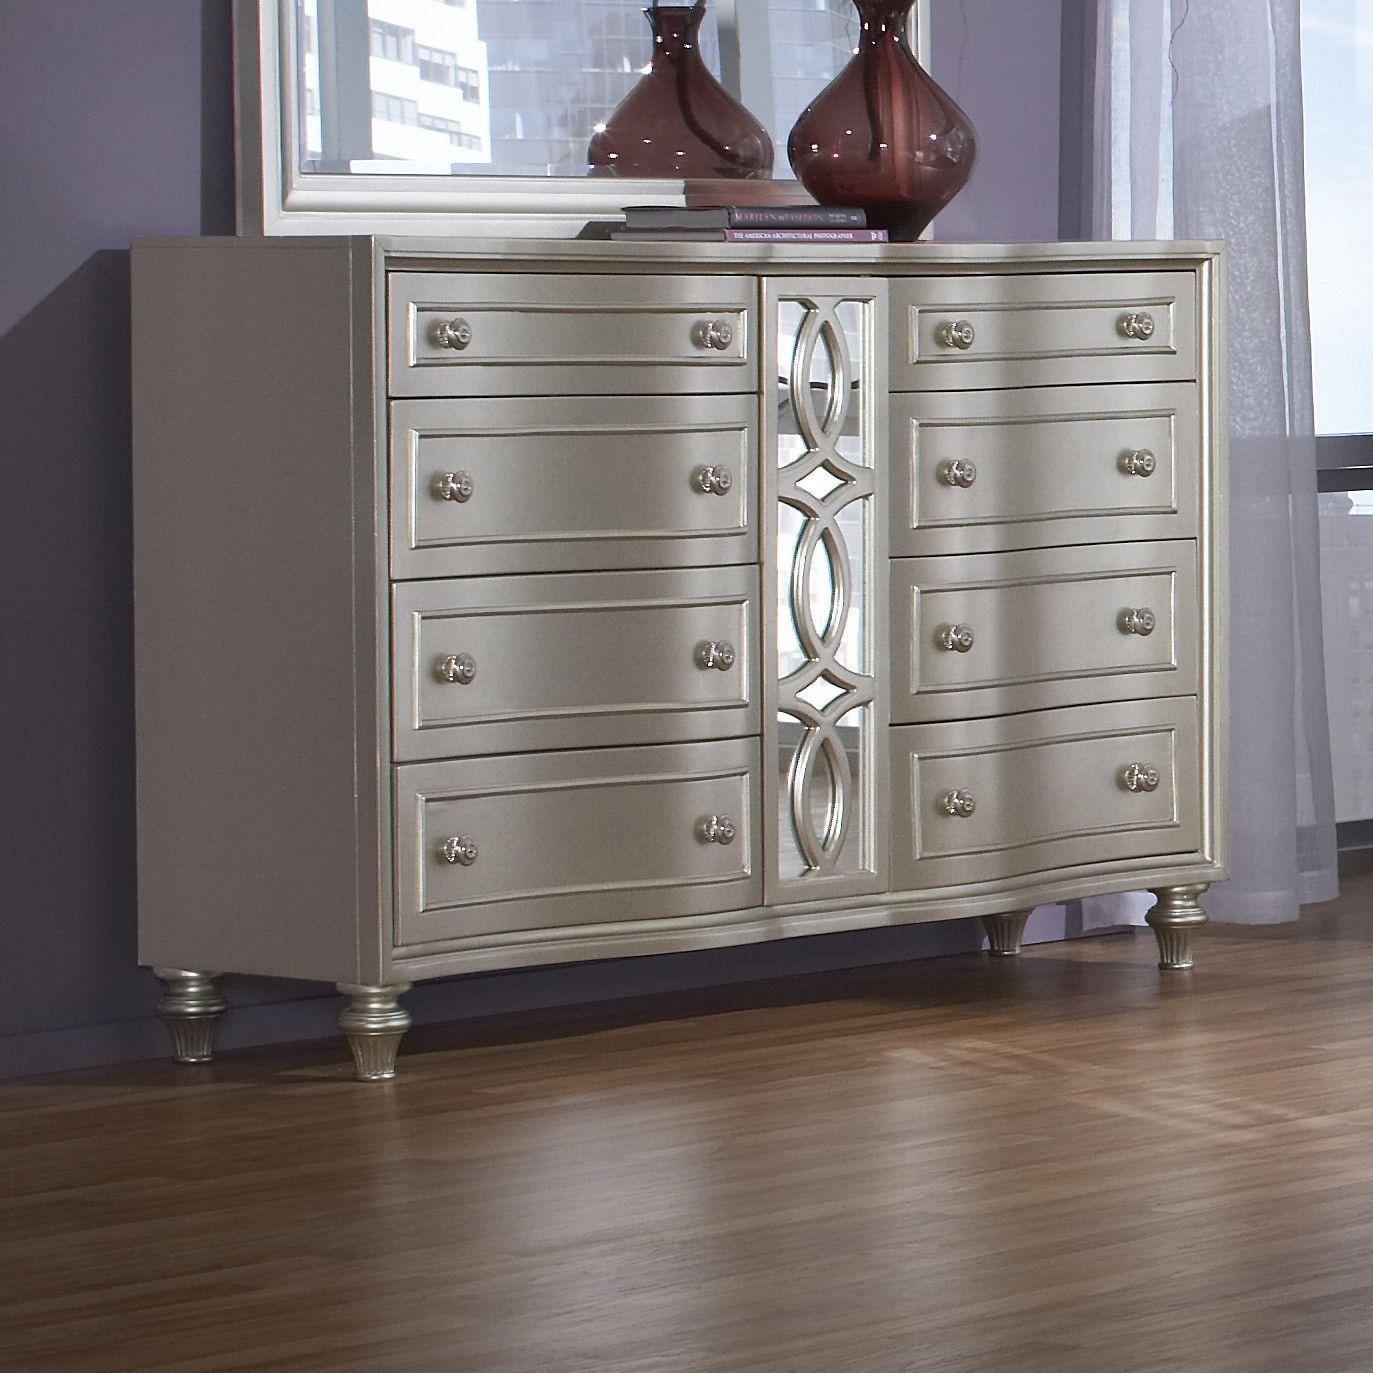 avalon furniture regency park 8 drawer dresser reviews wayfair silver platinum furniture. Black Bedroom Furniture Sets. Home Design Ideas